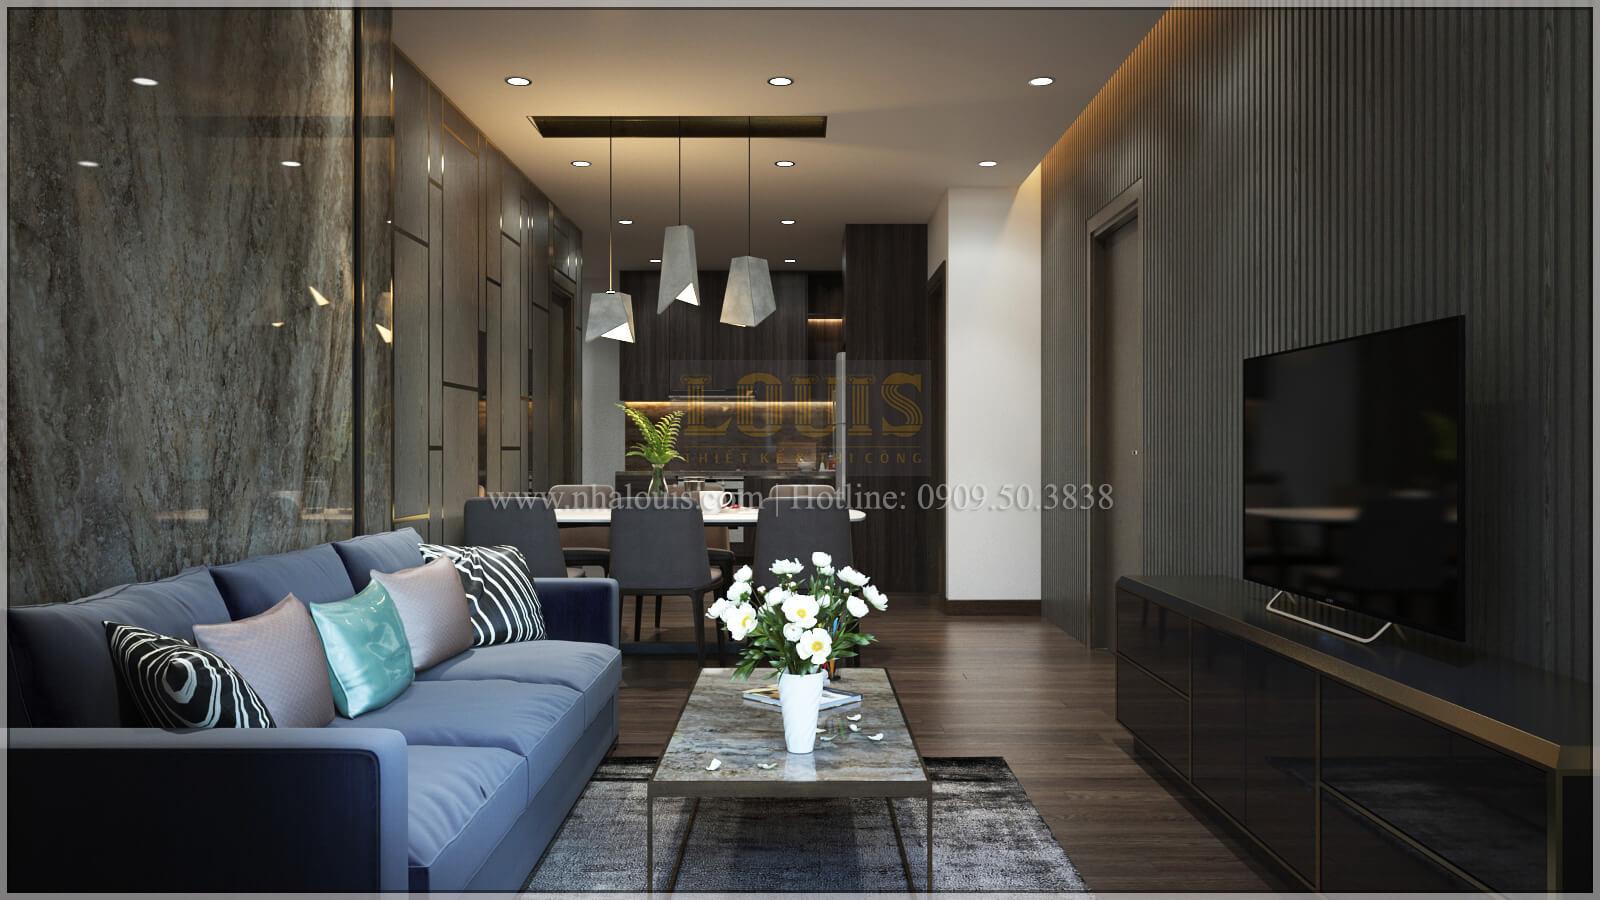 Thiết kế căn hộ The Park Residence với nội thất sang trọng tại quận 7